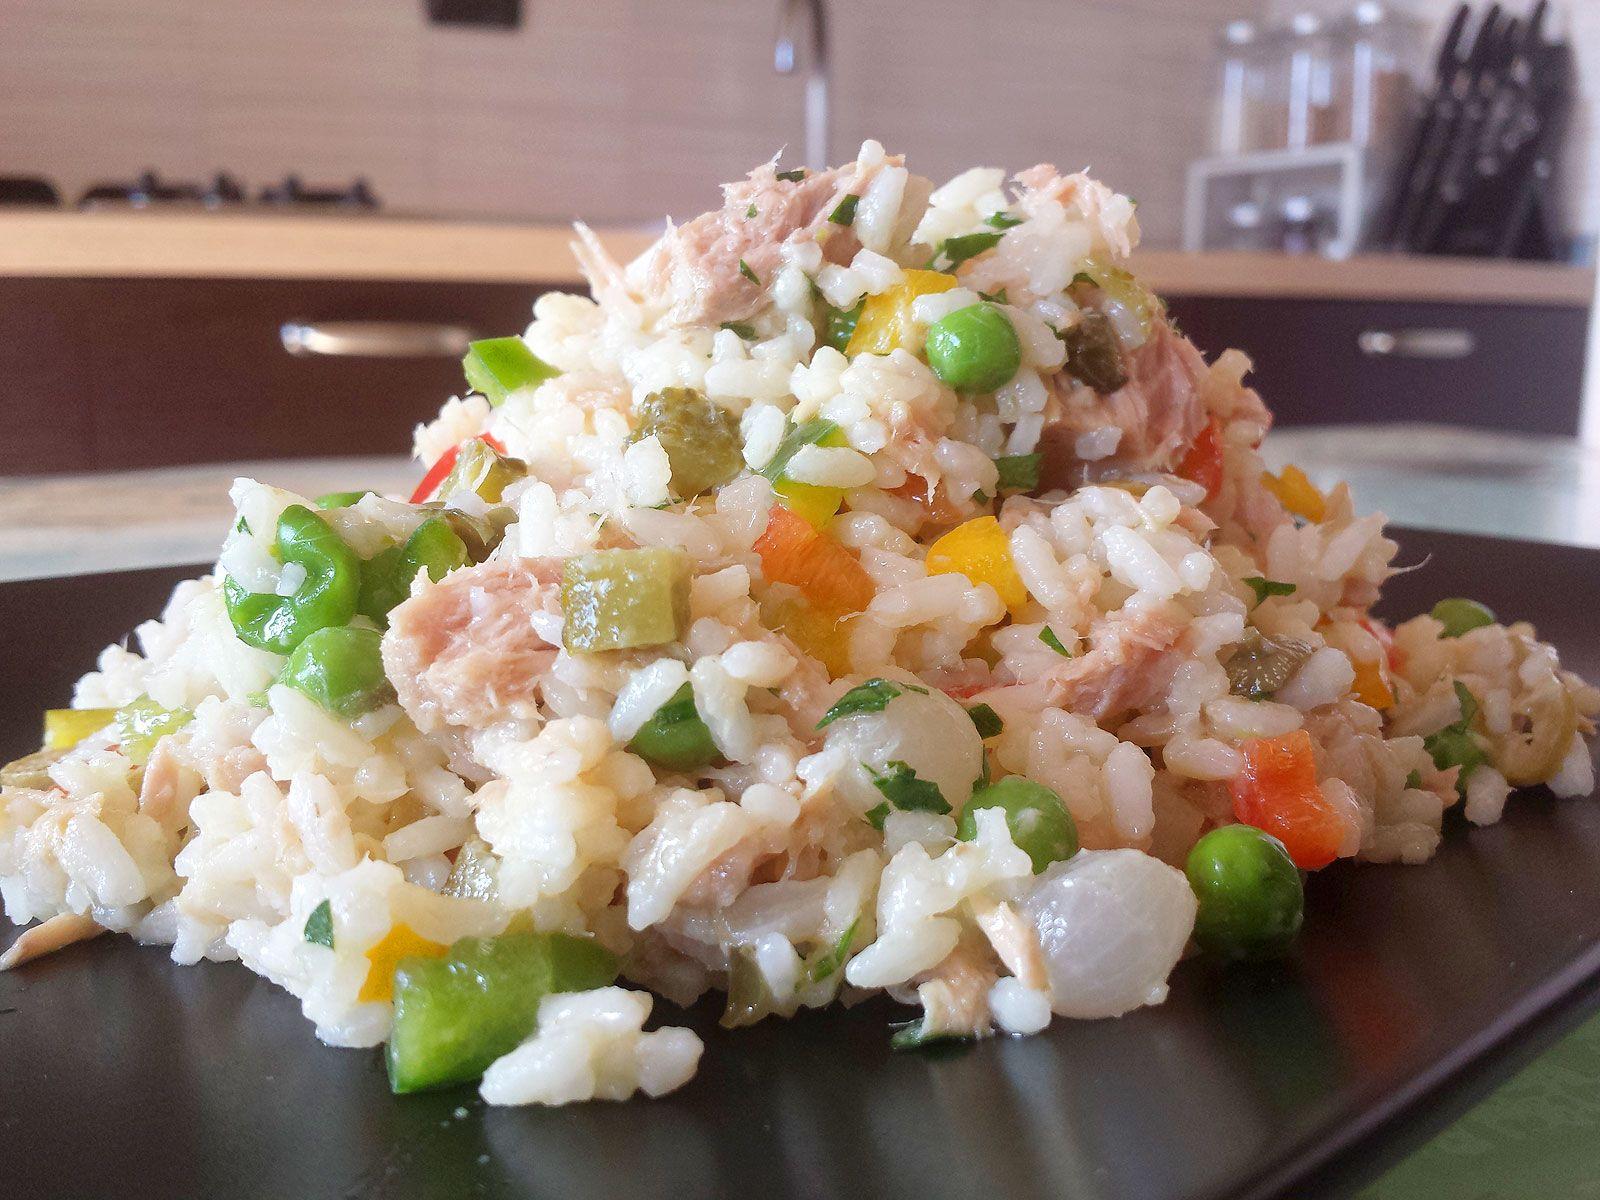 Un cult delle ricette estive è la saporita insalata di riso ma fatta in casa. La mia variante è con tonno, capperi tante verdure ed una salsa di senape. Provatela è buonissima